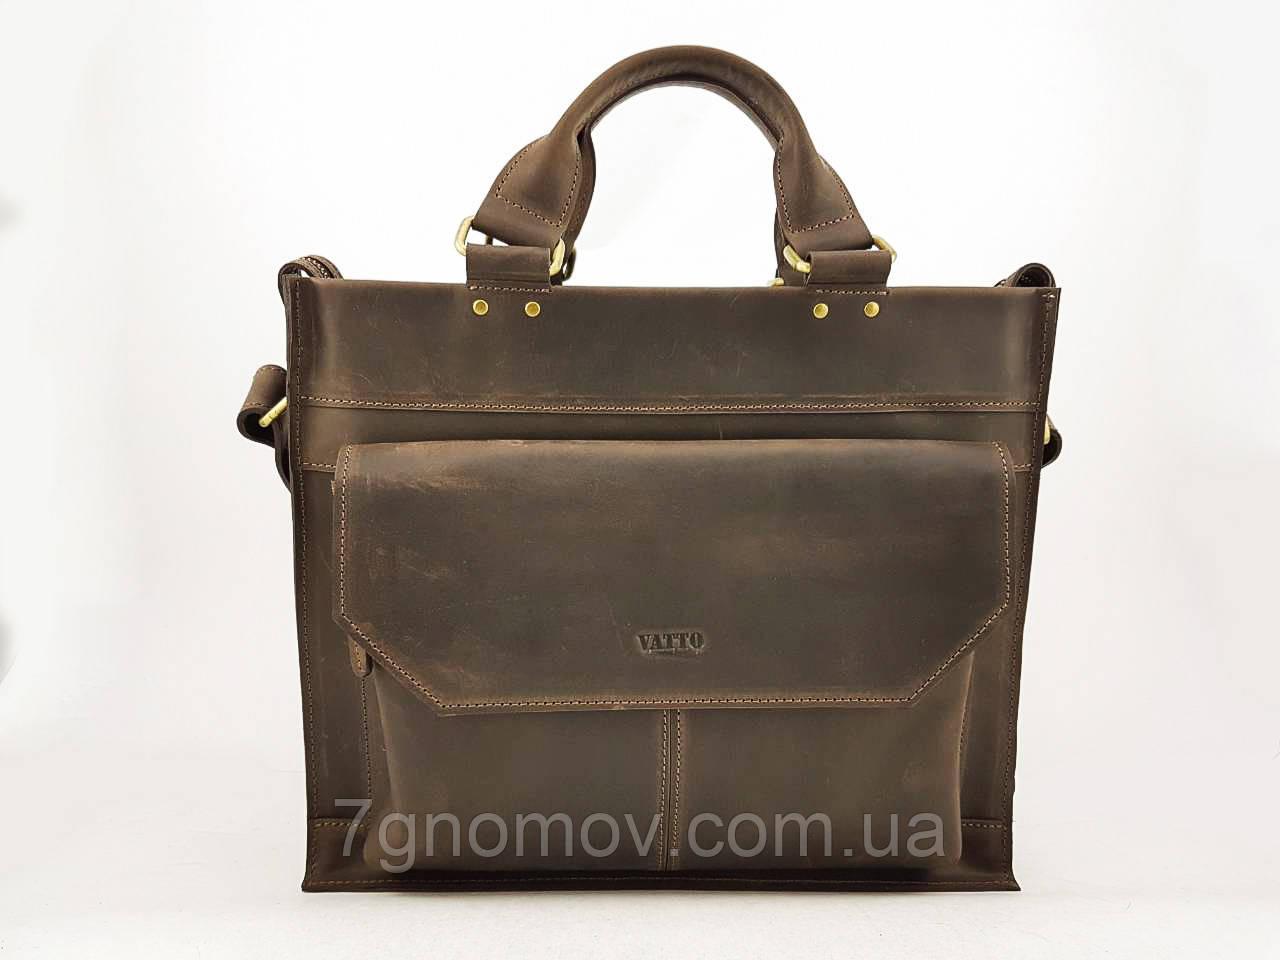 Мужская сумка VATTO Mk45.4 Kr450